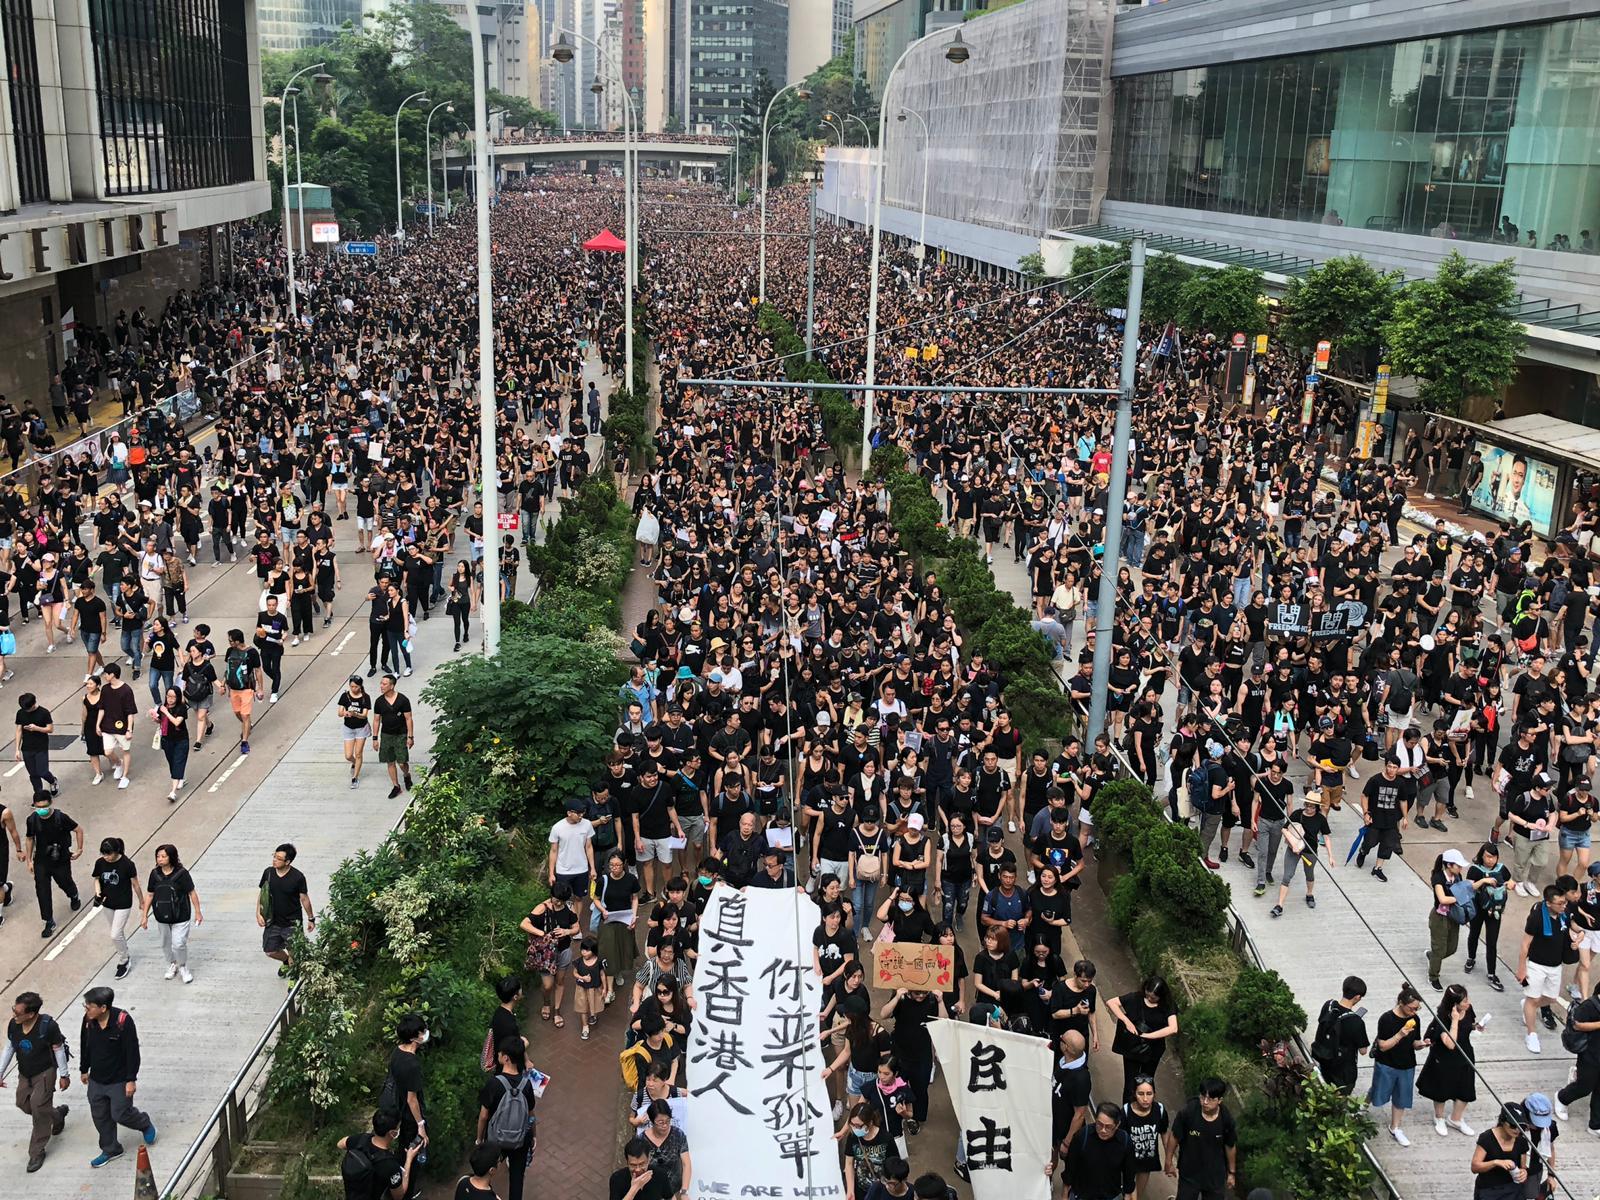 警方禁止遊行至中環。資料圖片